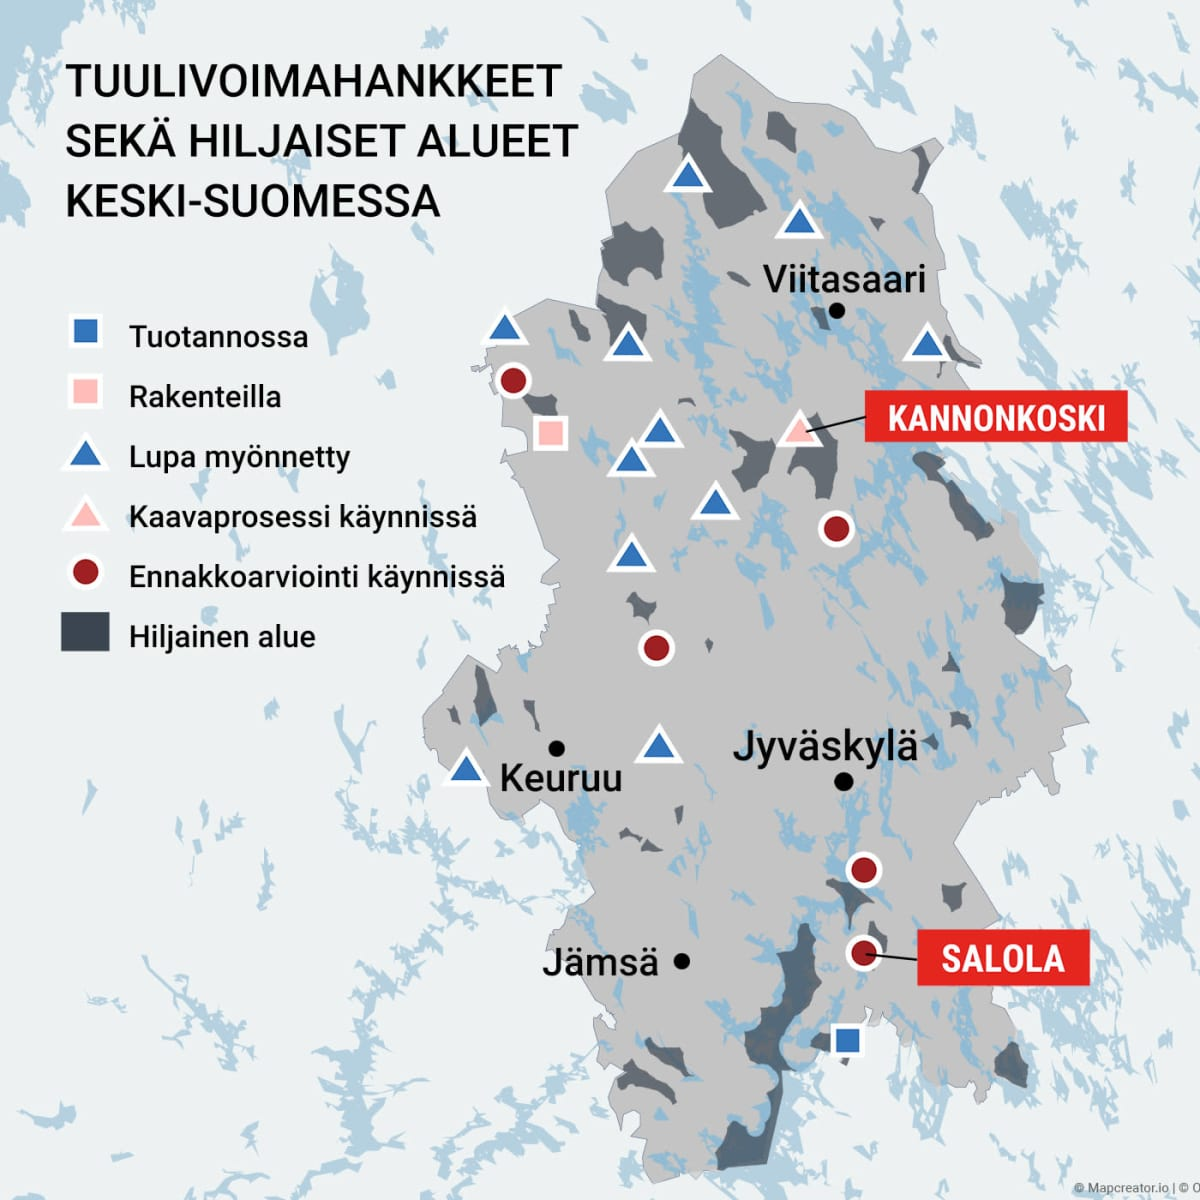 Tuulivoimahankkeet ja hiljaiset alueet Keski-Suomessa